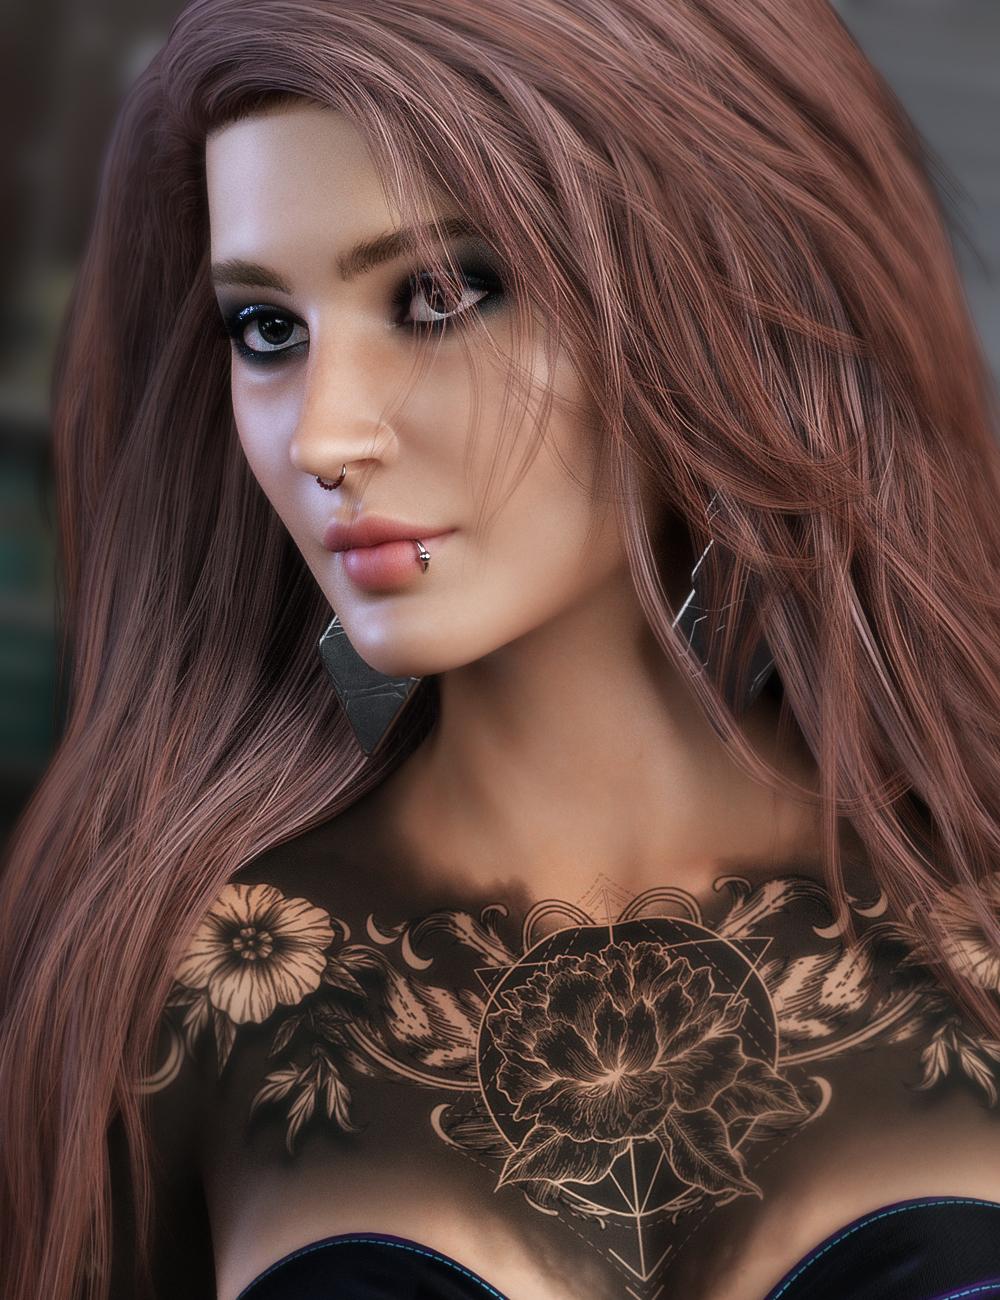 Drew for Genesis 8 Female(s) by: SR3, 3D Models by Daz 3D